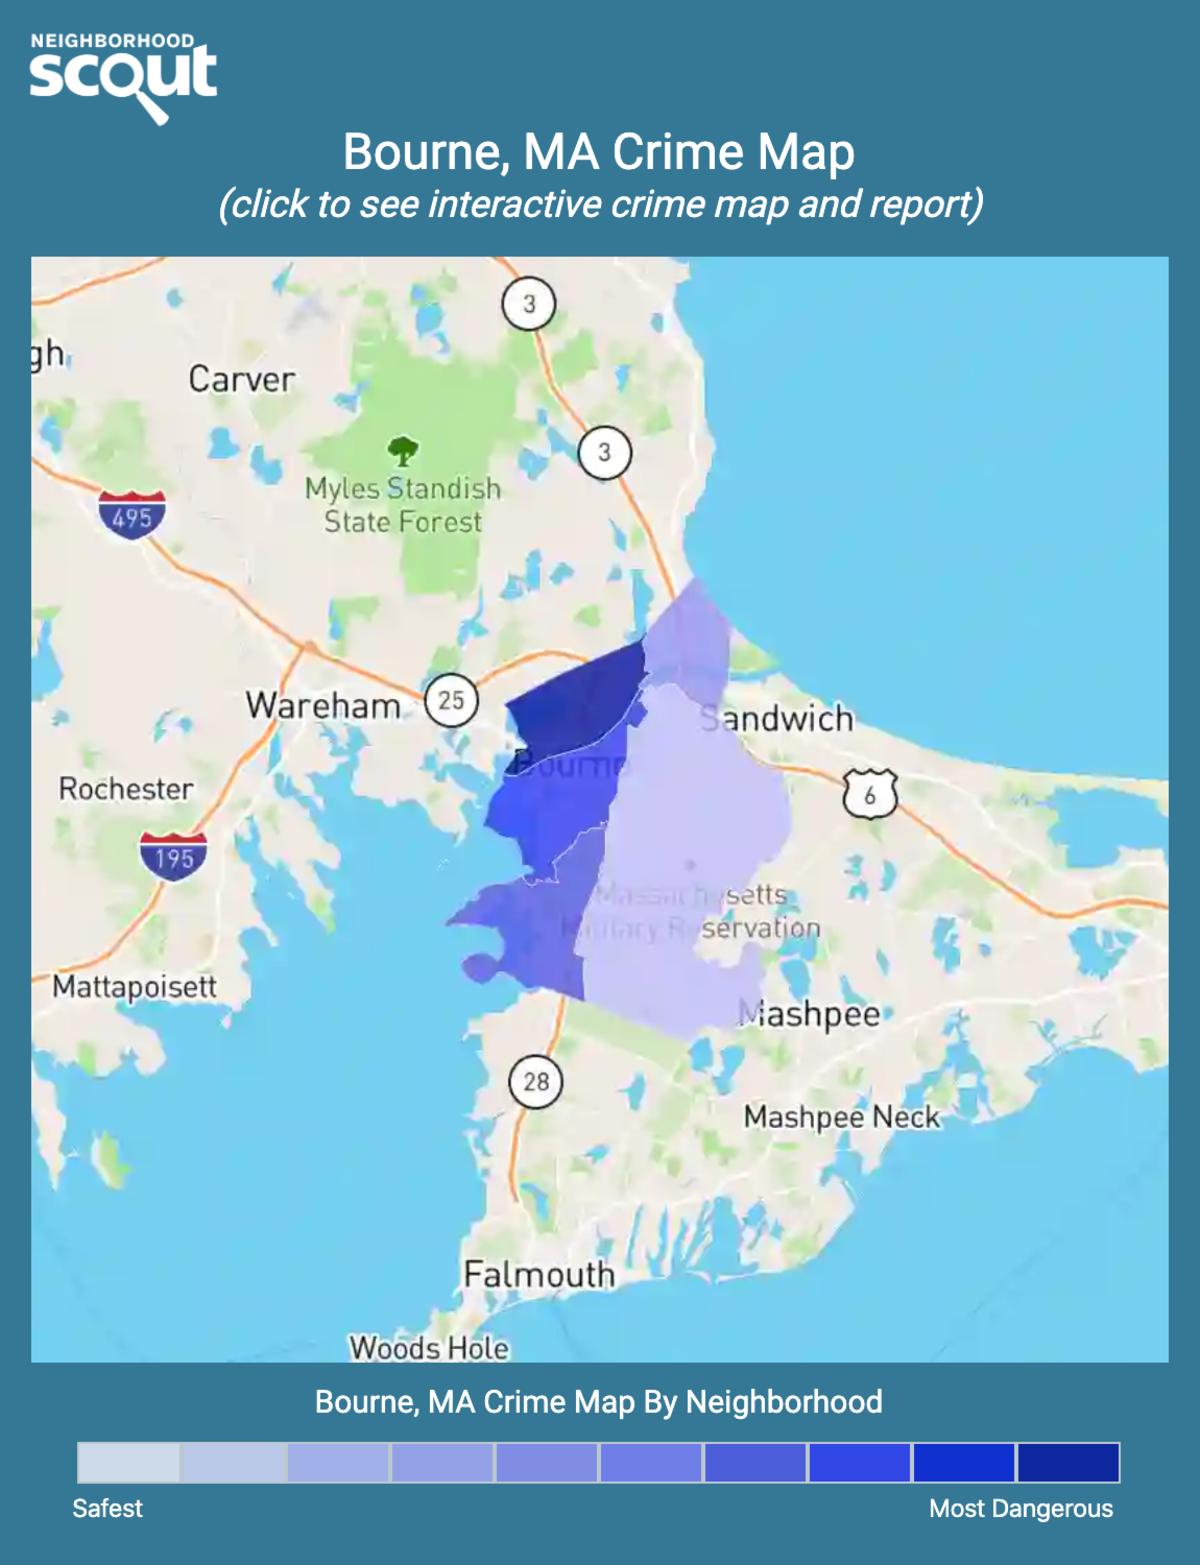 Bourne, Massachusetts crime map